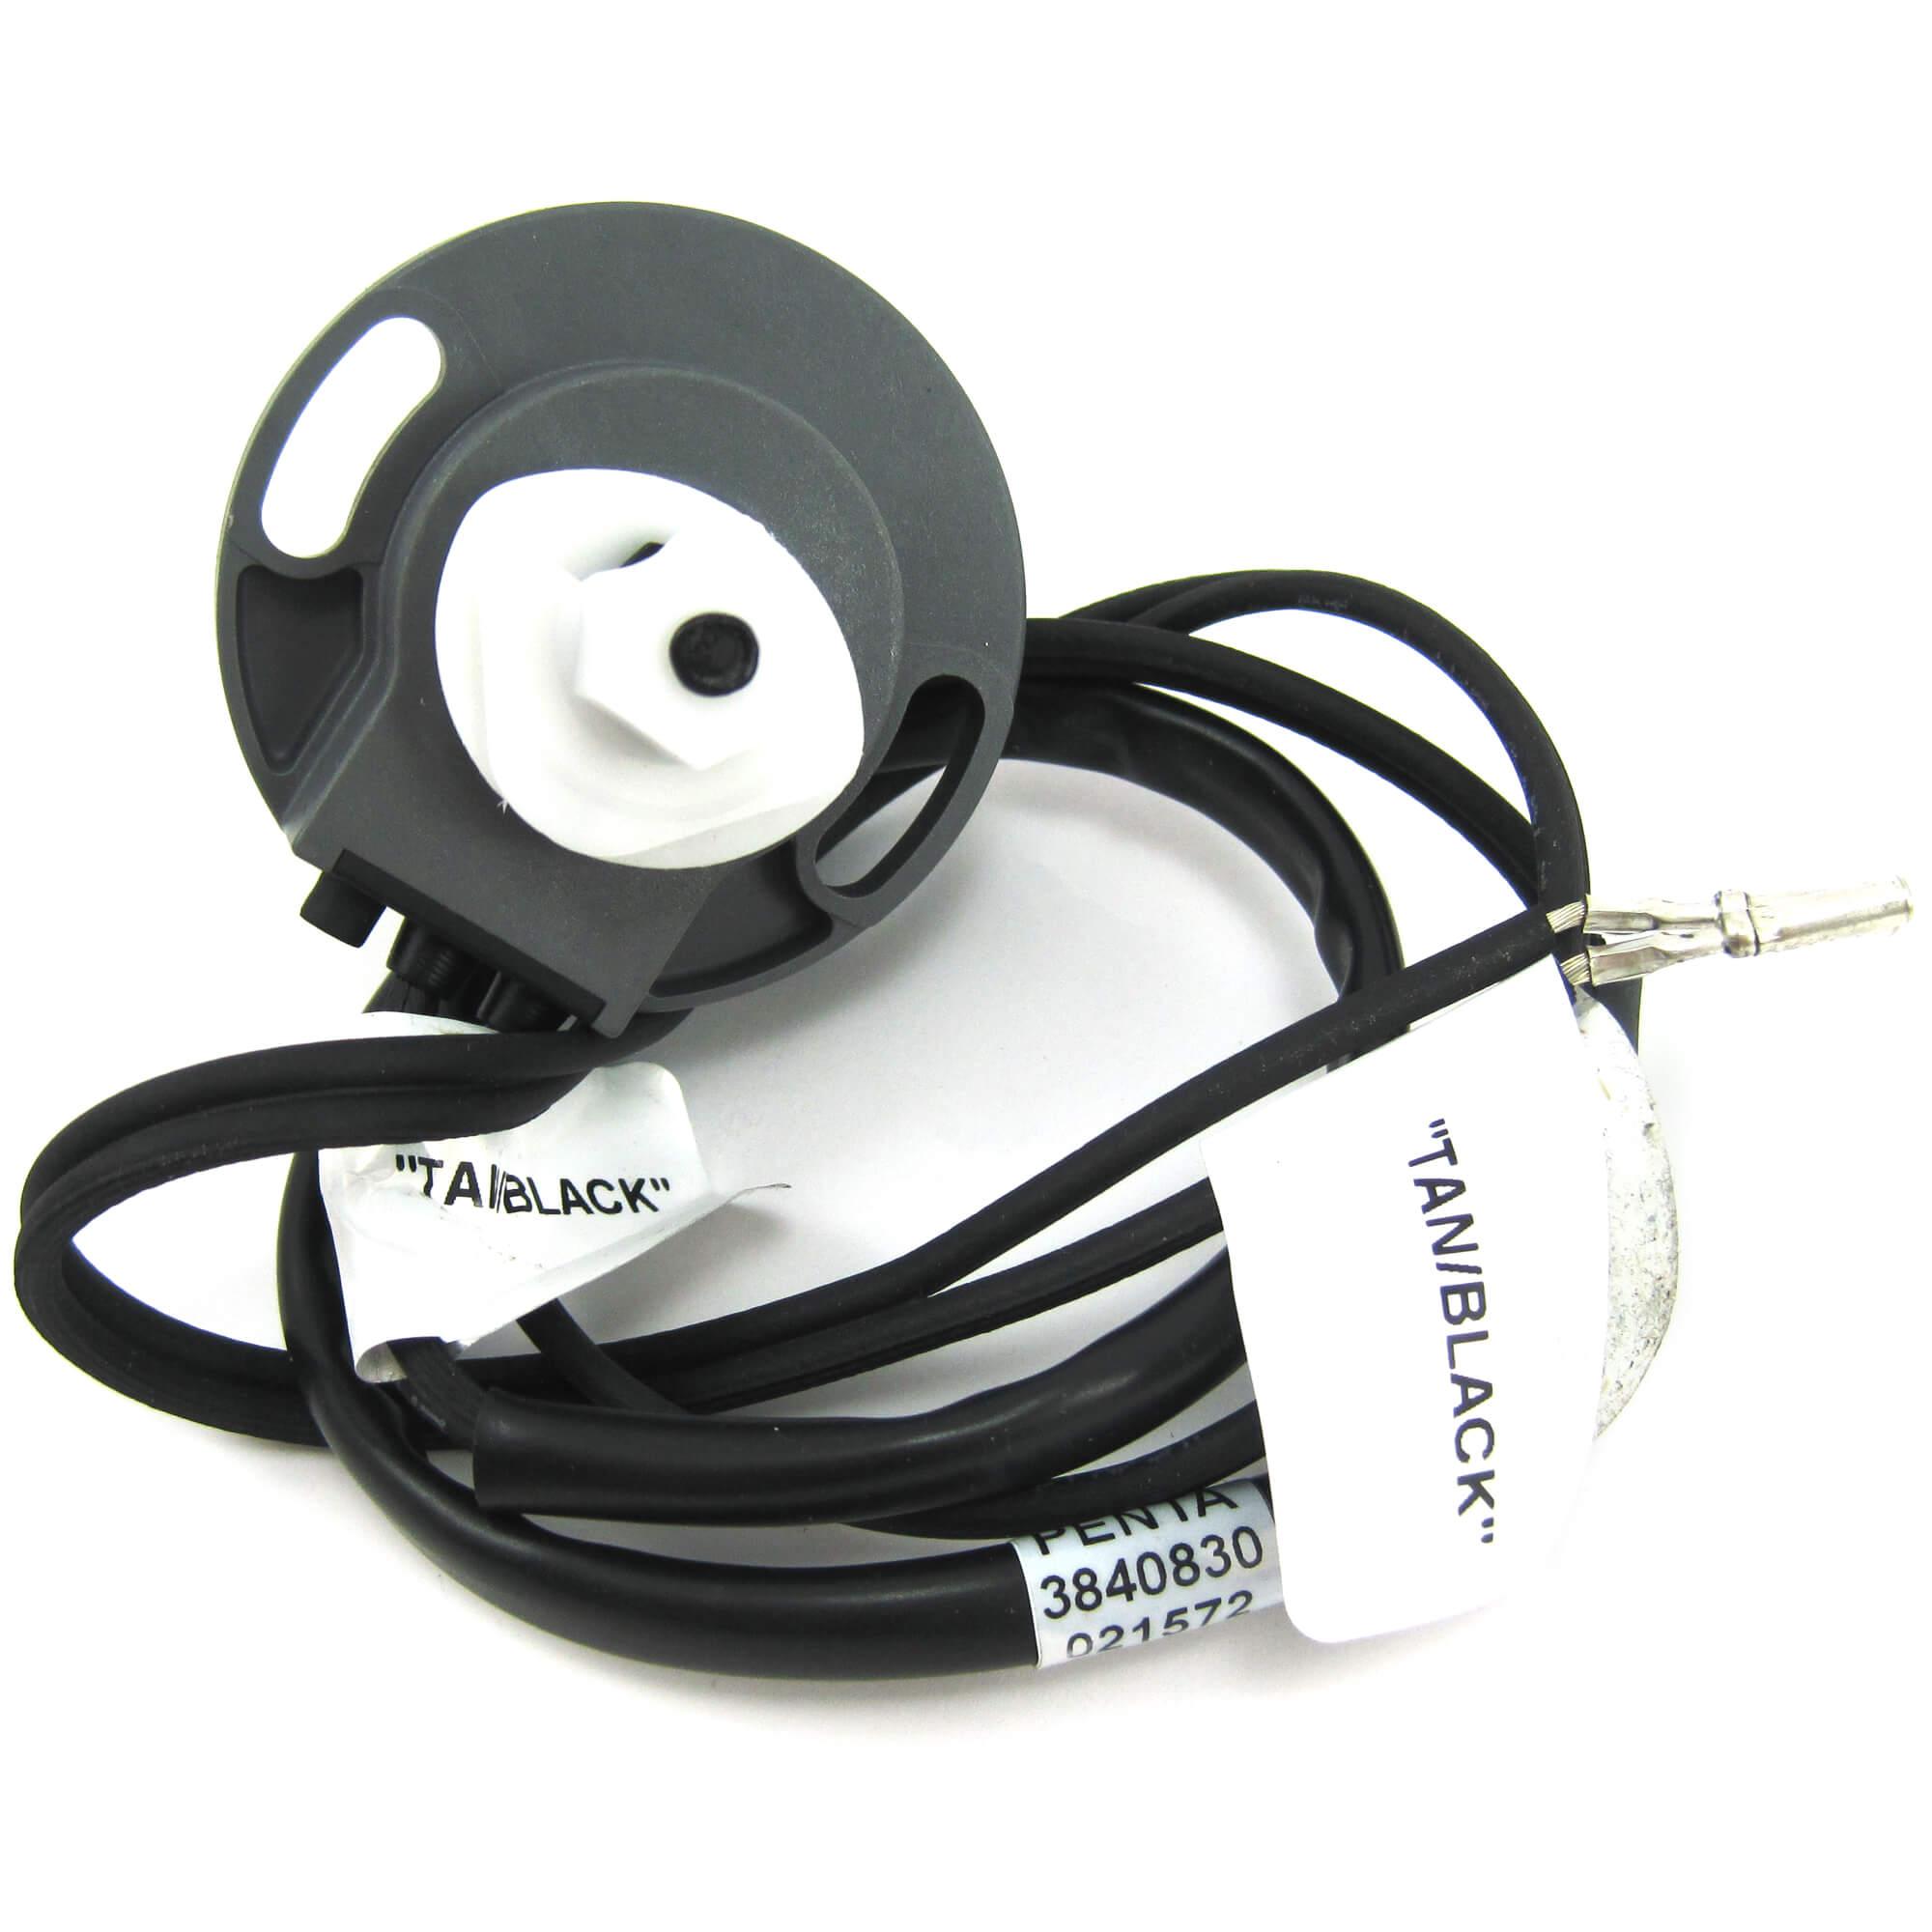 Volvo Penta Trim Sender- 2 Wire - 3594989